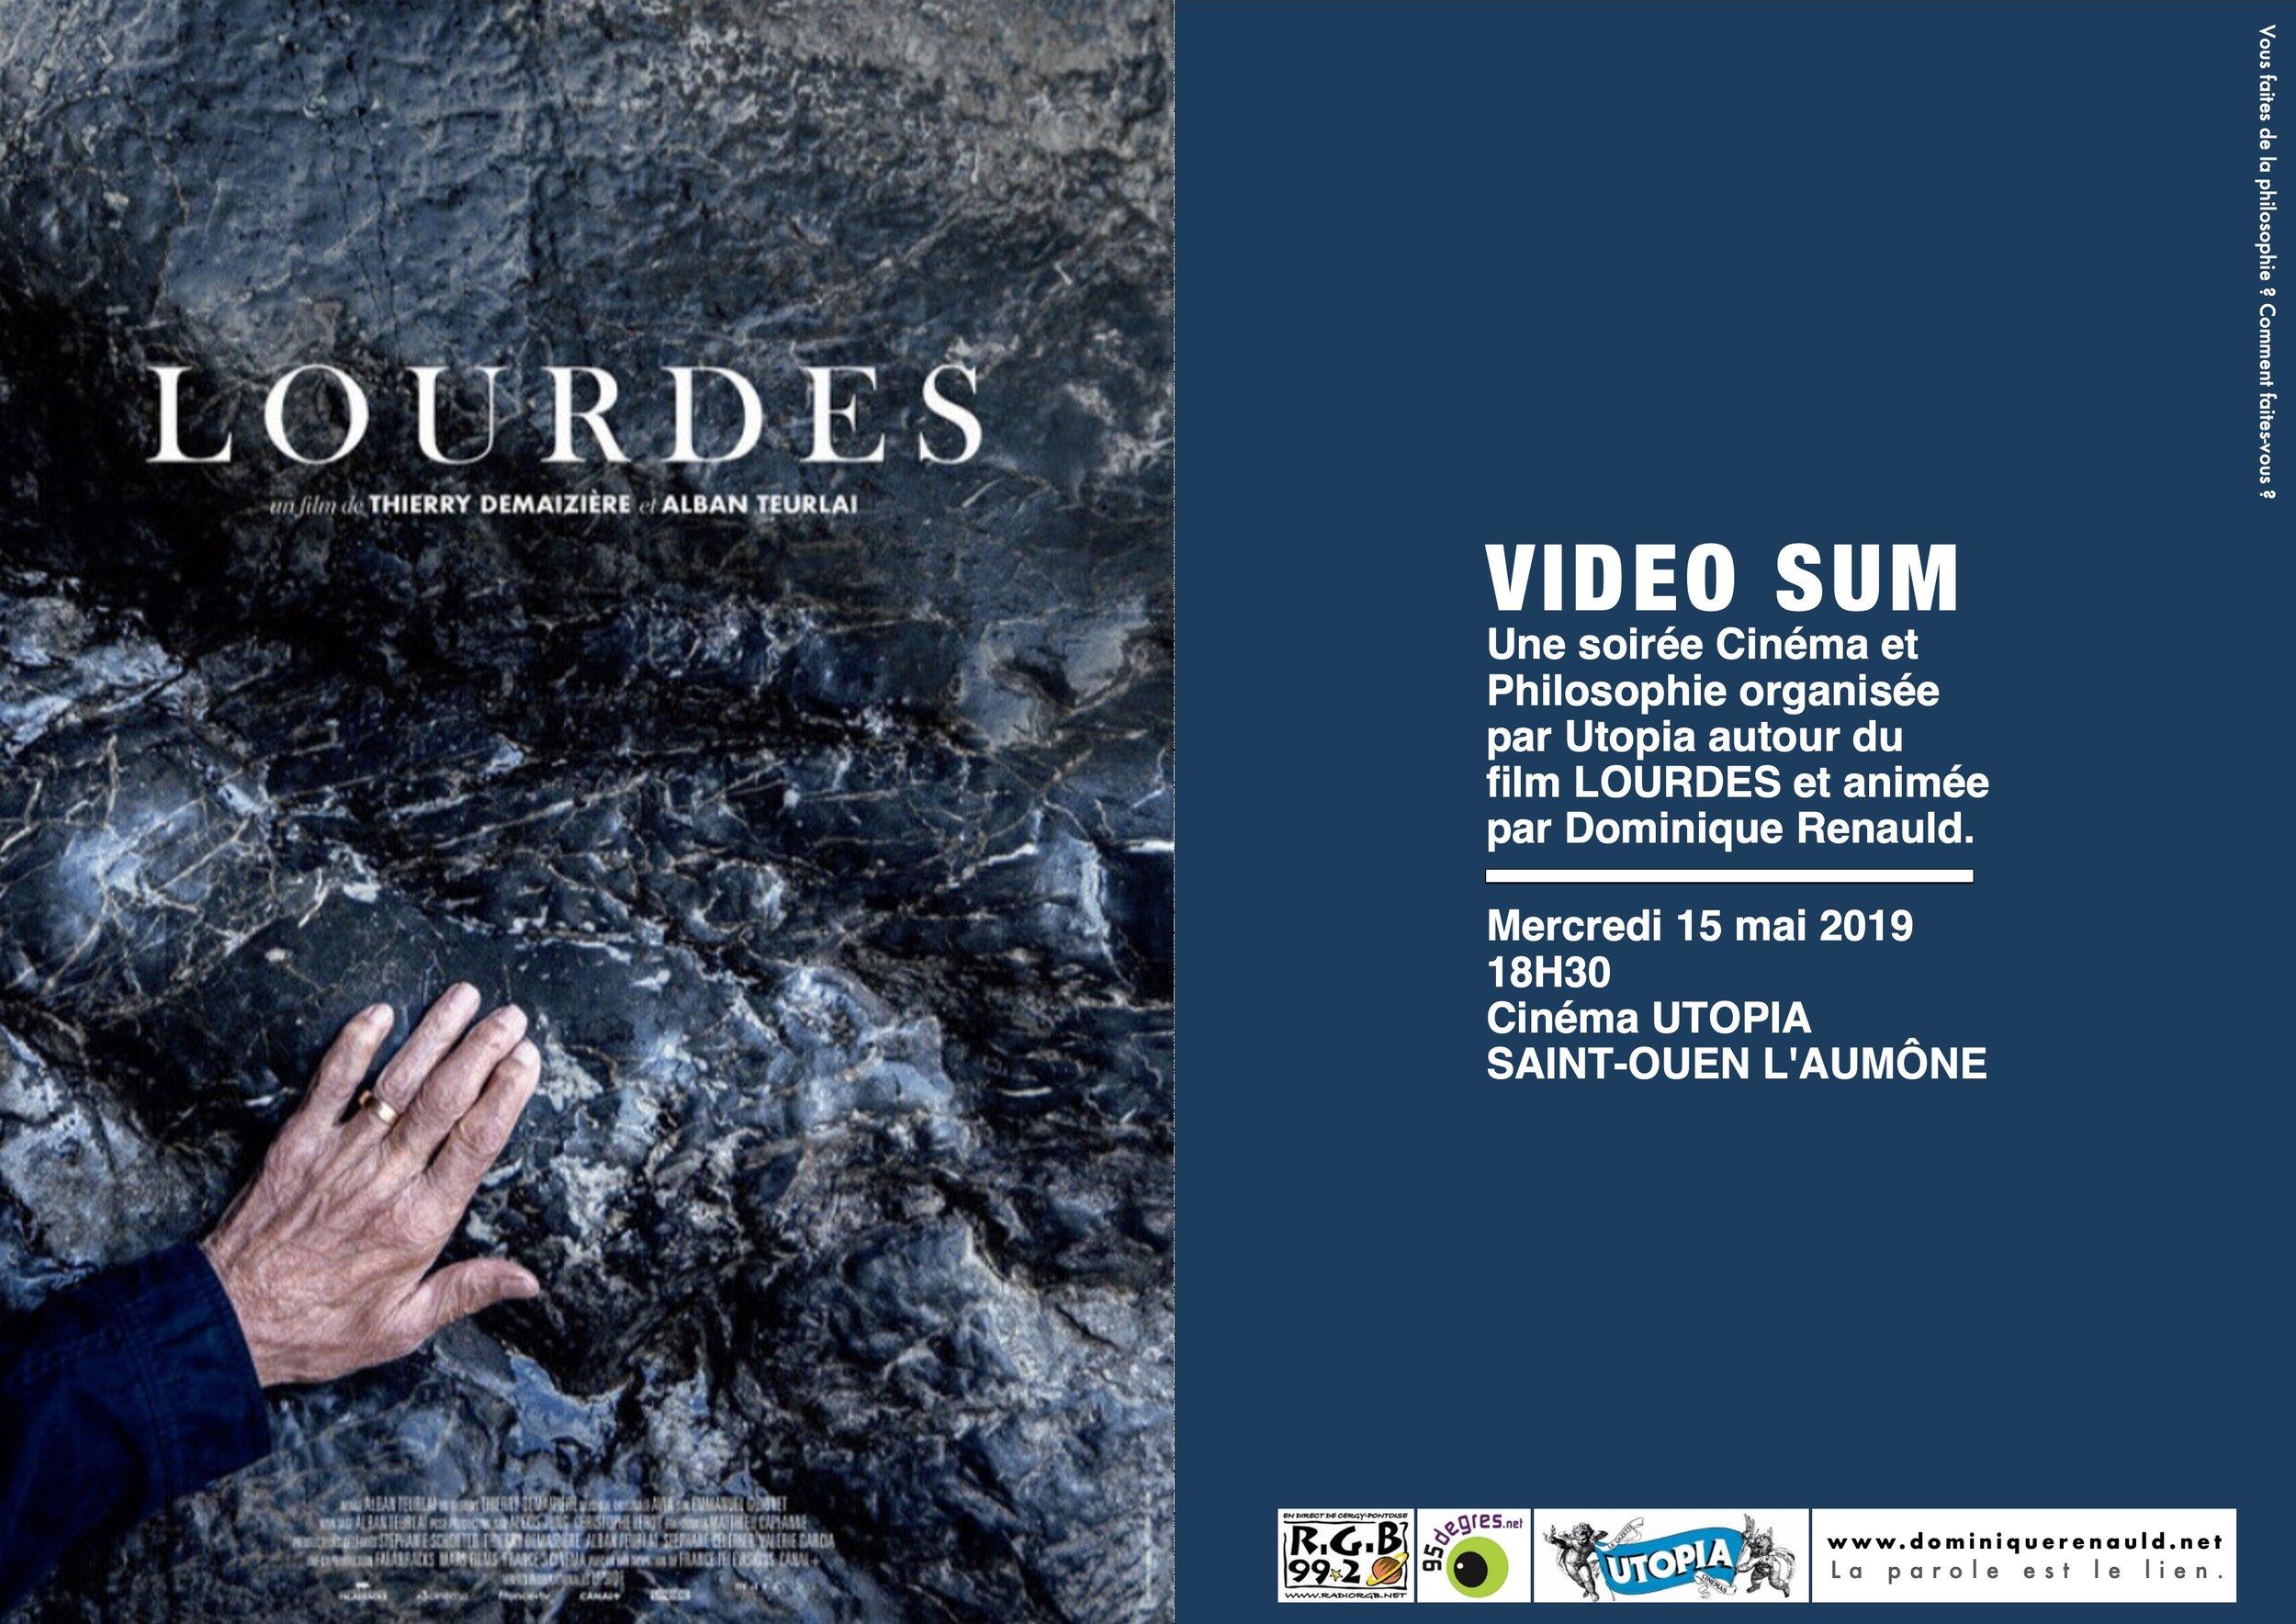 Video Sum Lourdes.jpg